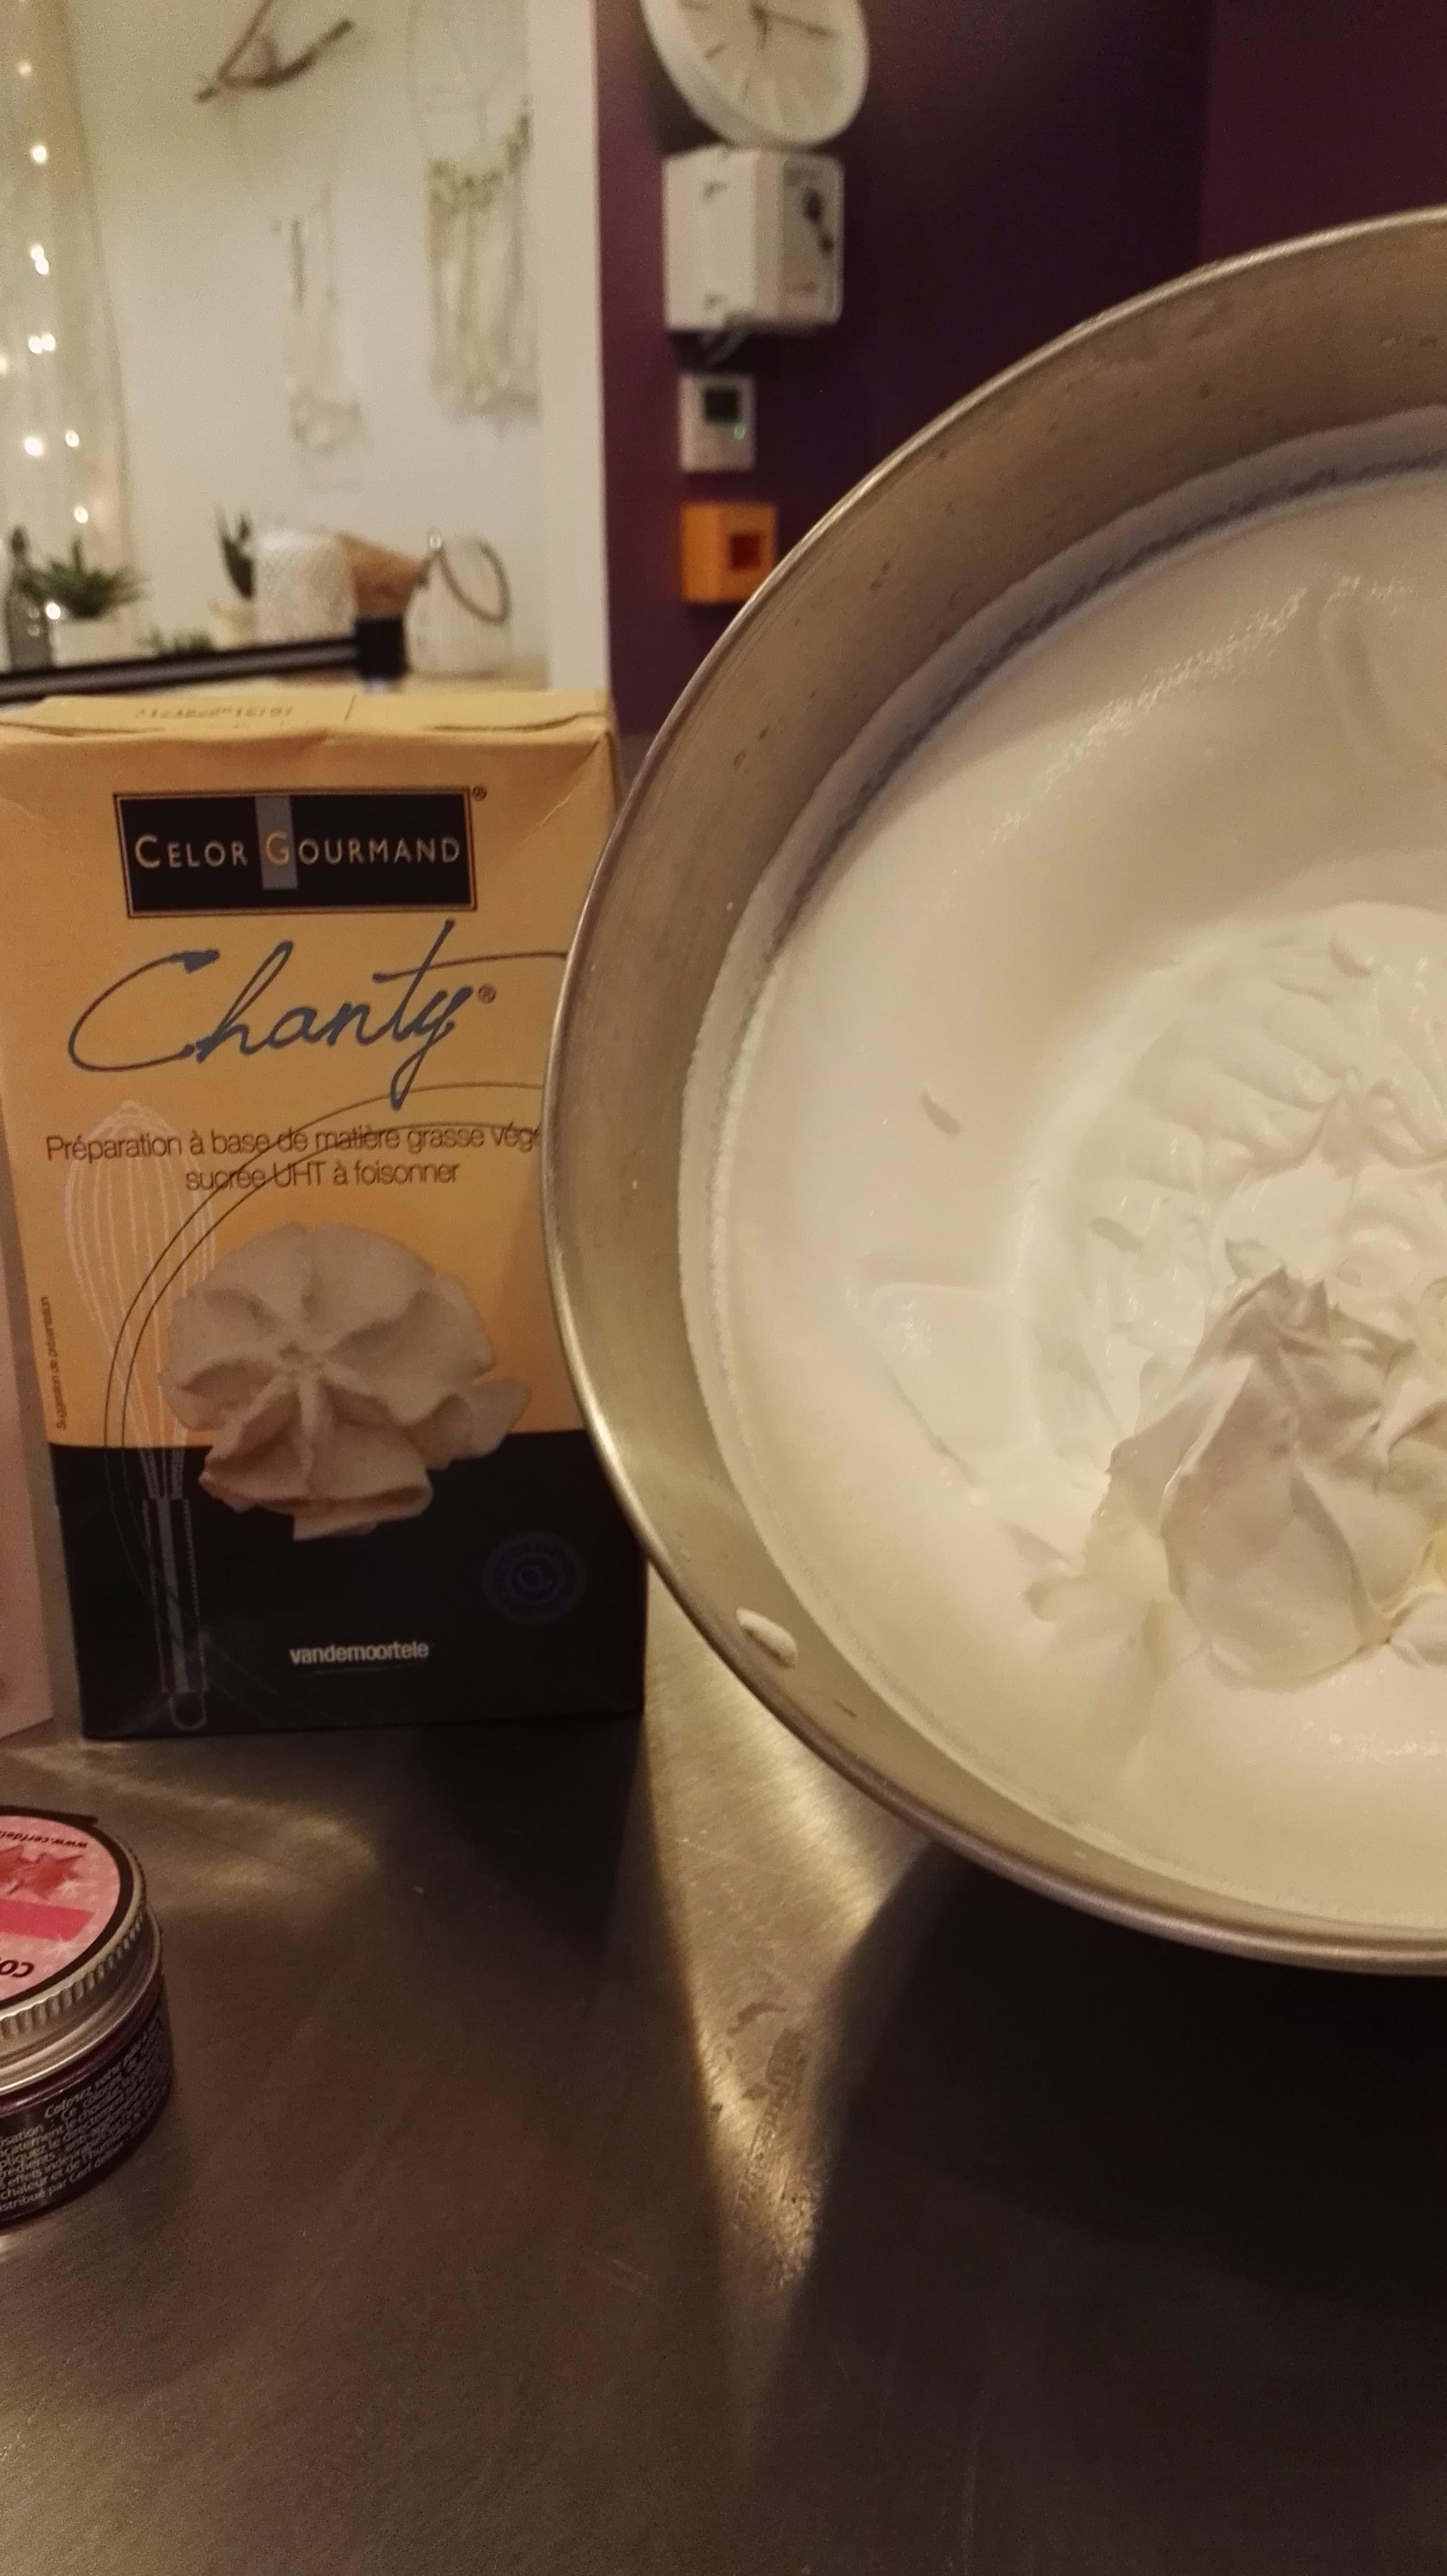 J'ai testé pour vous la crème liquide CHANTY de chez Celor Gourmand